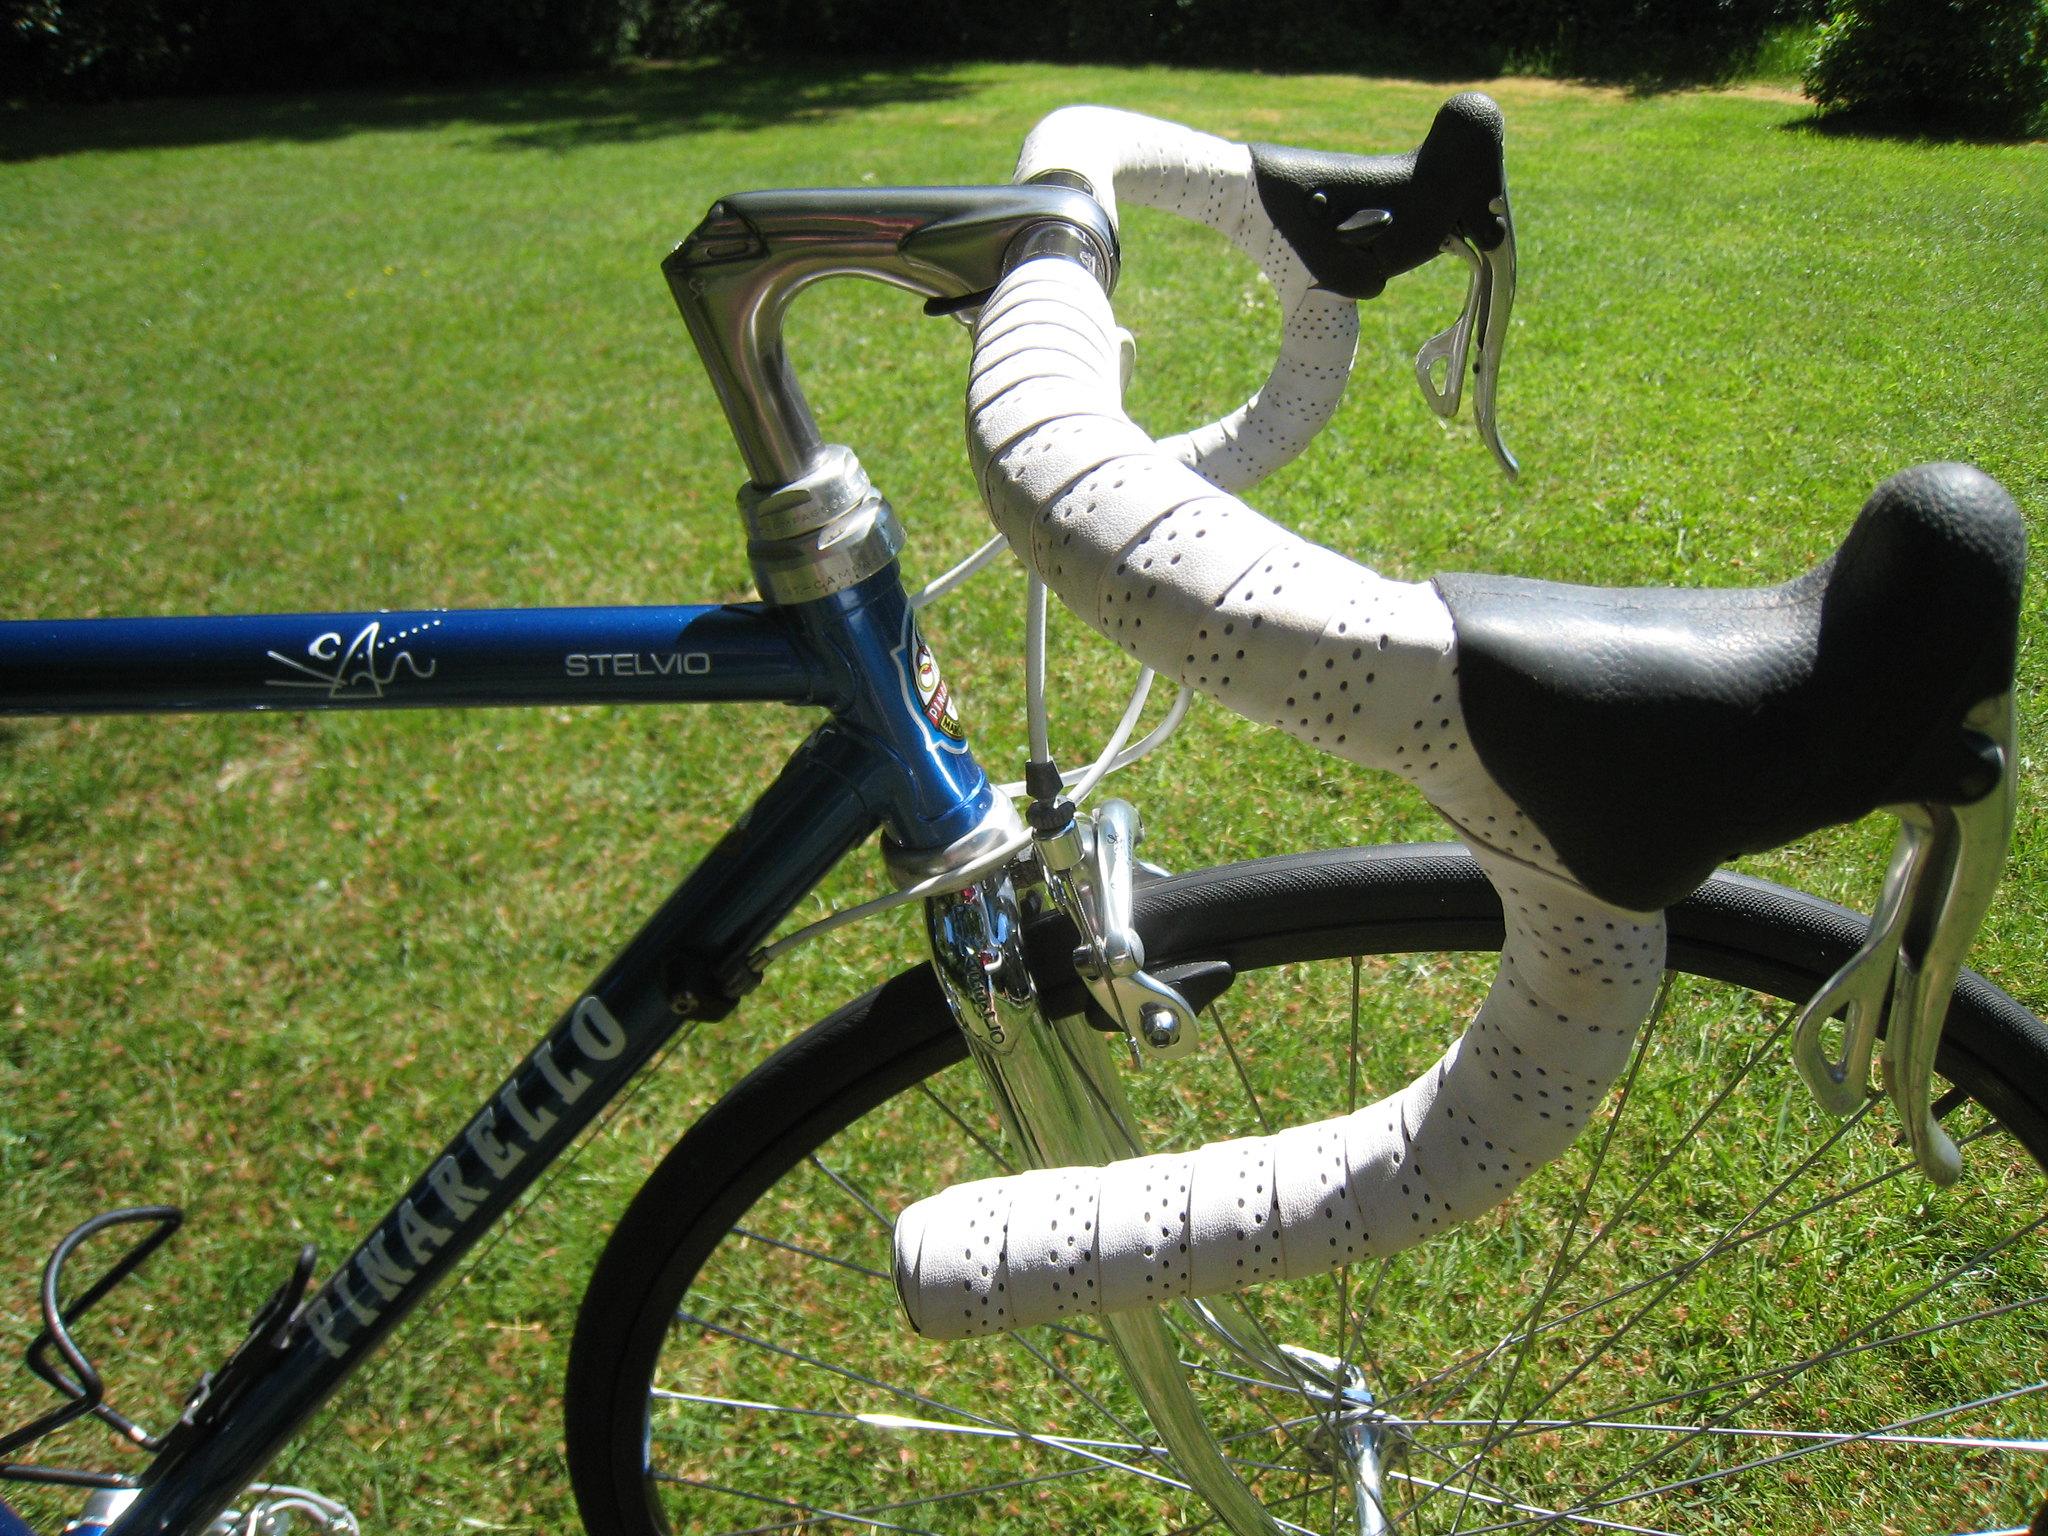 pinarello - Pinarello Stelvio. Une semaine un vélo. 41074517685_9d47db97c5_k